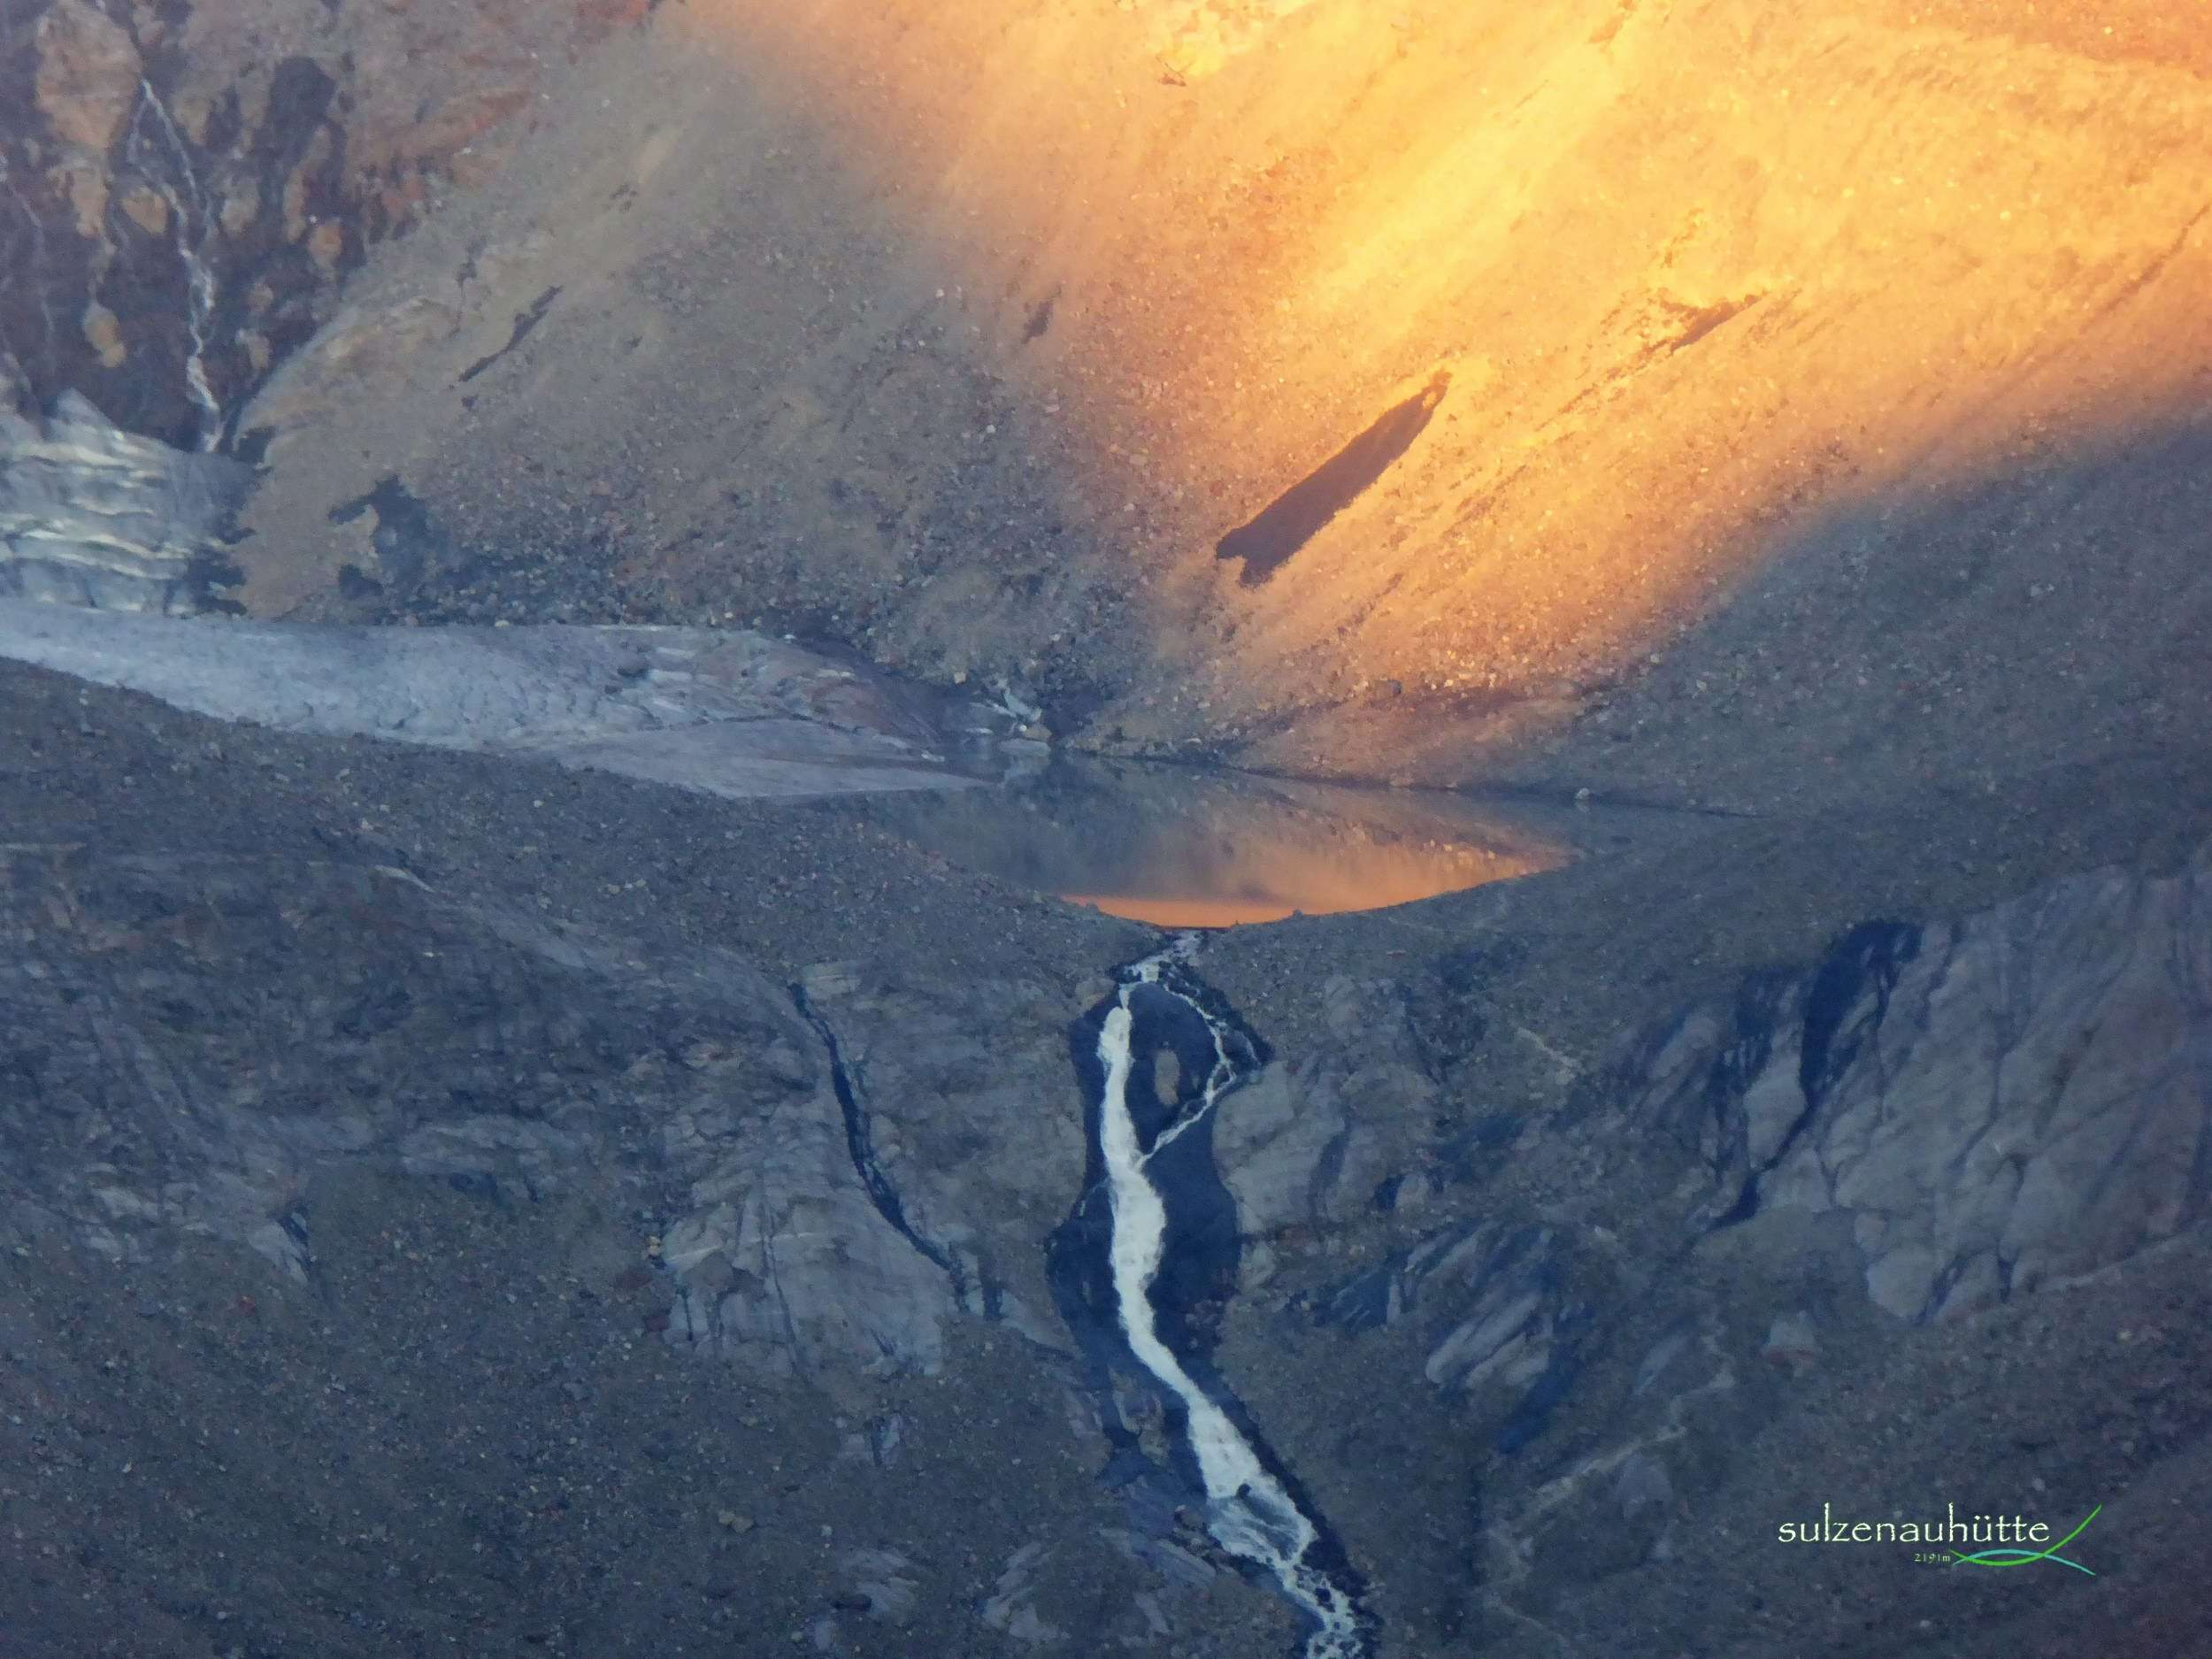 Sulzenausee vor Sonnenaufgang